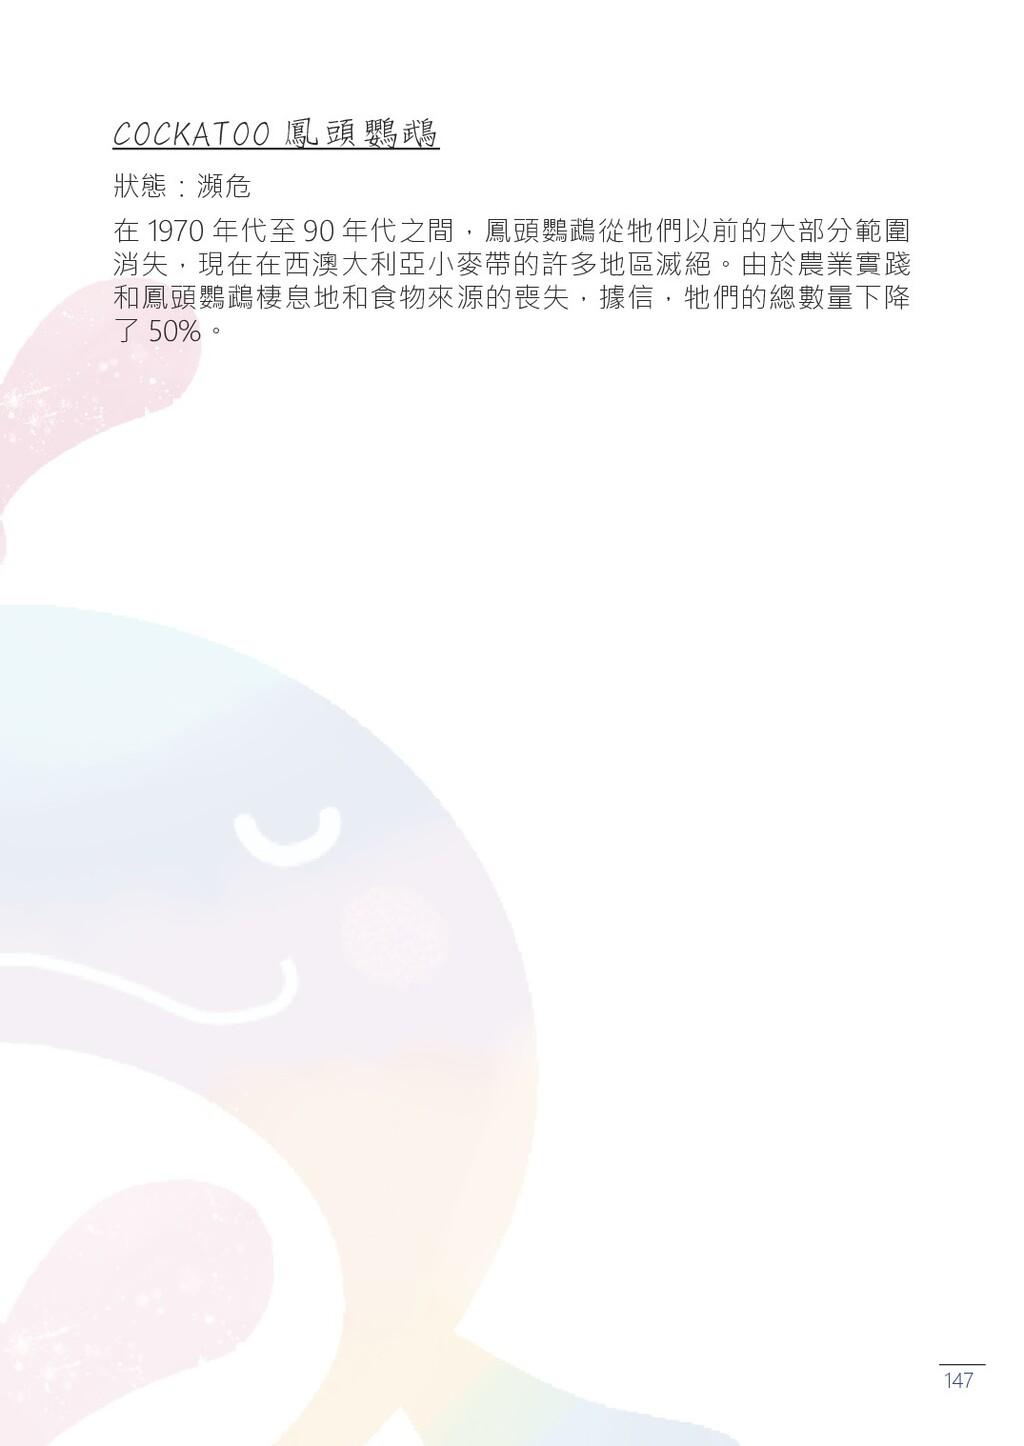 147 COCKATOO 鳳頭鸚鵡 狀態:瀕危 在 1970 年代至 90 年代之間,鳳頭鸚鵡...